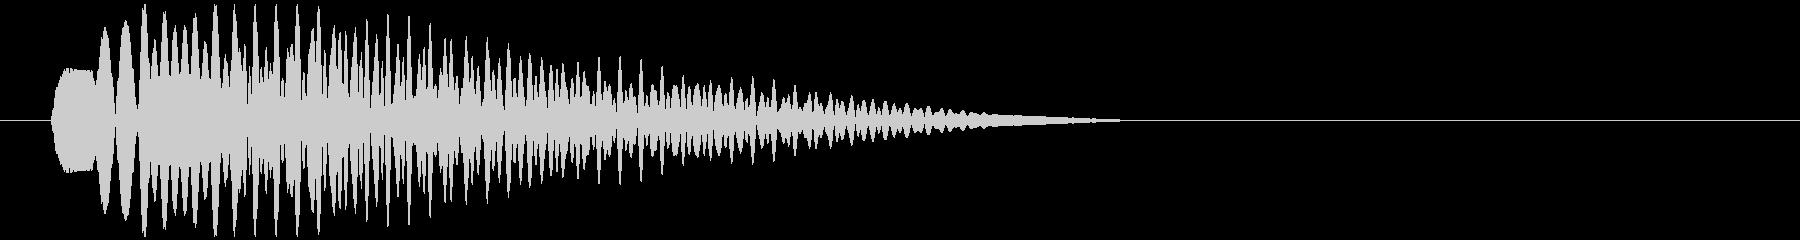 【SE/ボタン】アプリ音 正解 パララーの未再生の波形